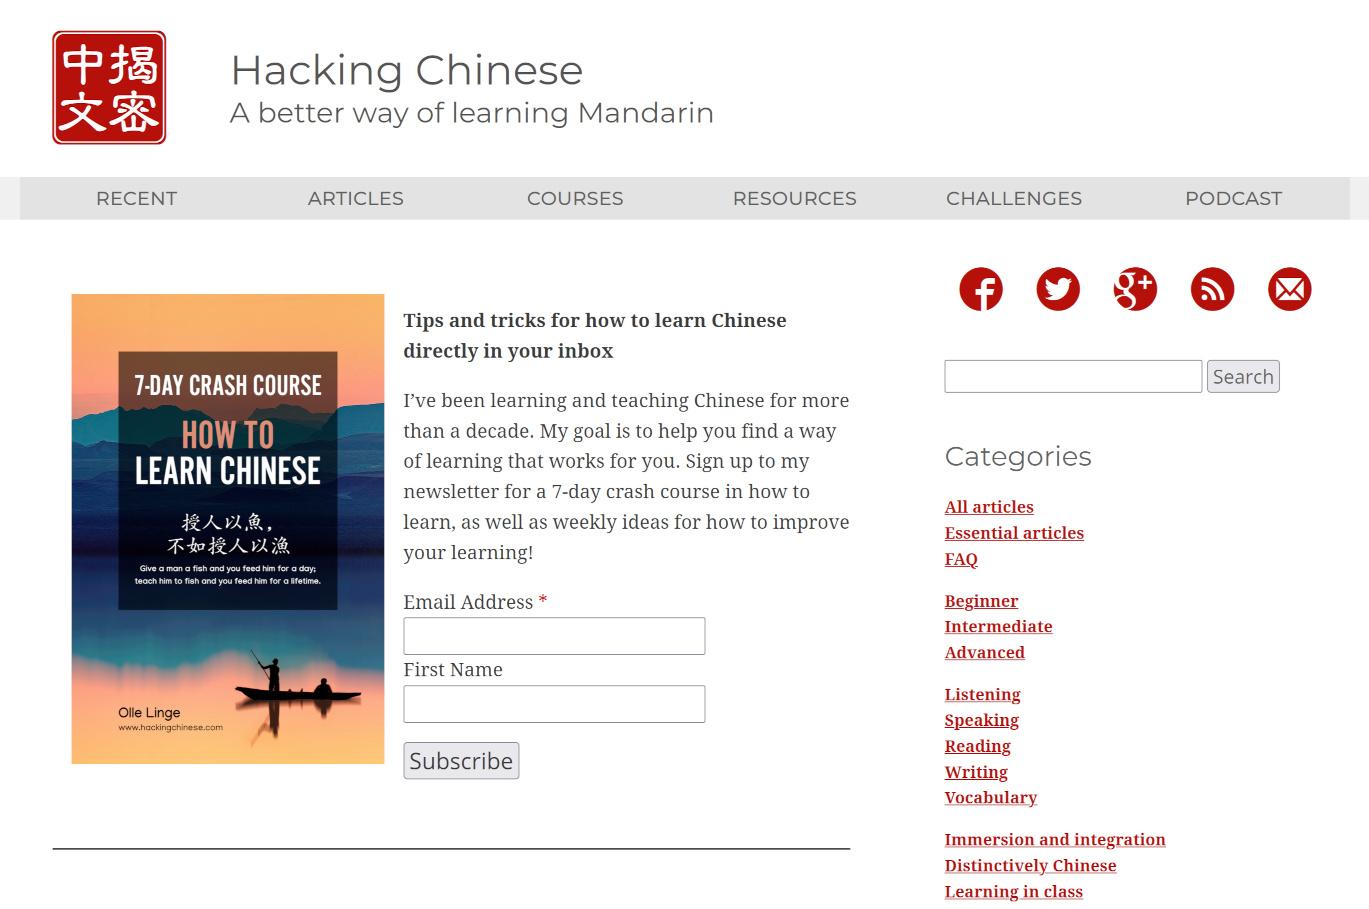 Custom Wordpress development for Hacking Chinese